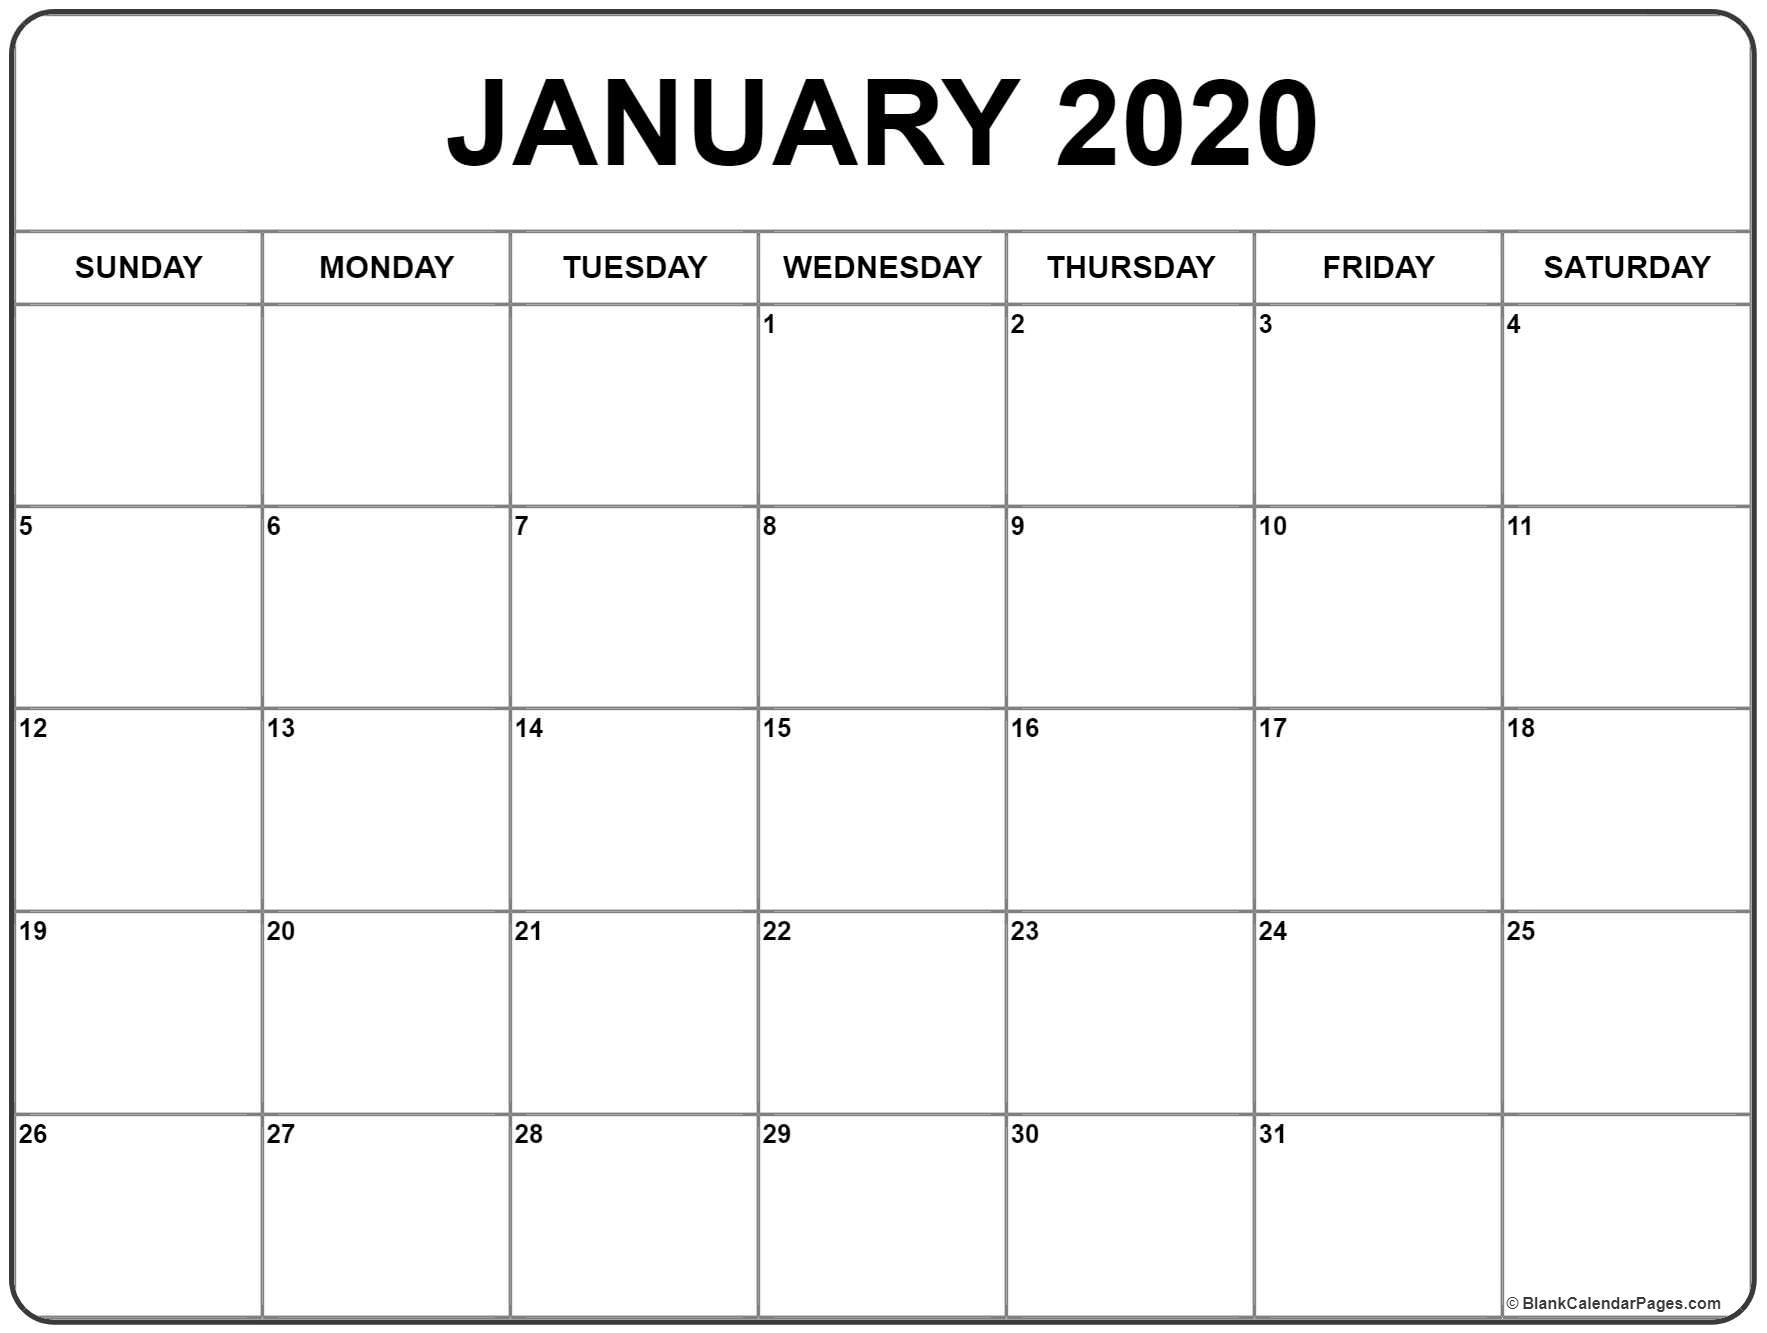 January 2020 Calendar | Free Printable Monthly Calendars-Show Me A Calendar Of January 2020